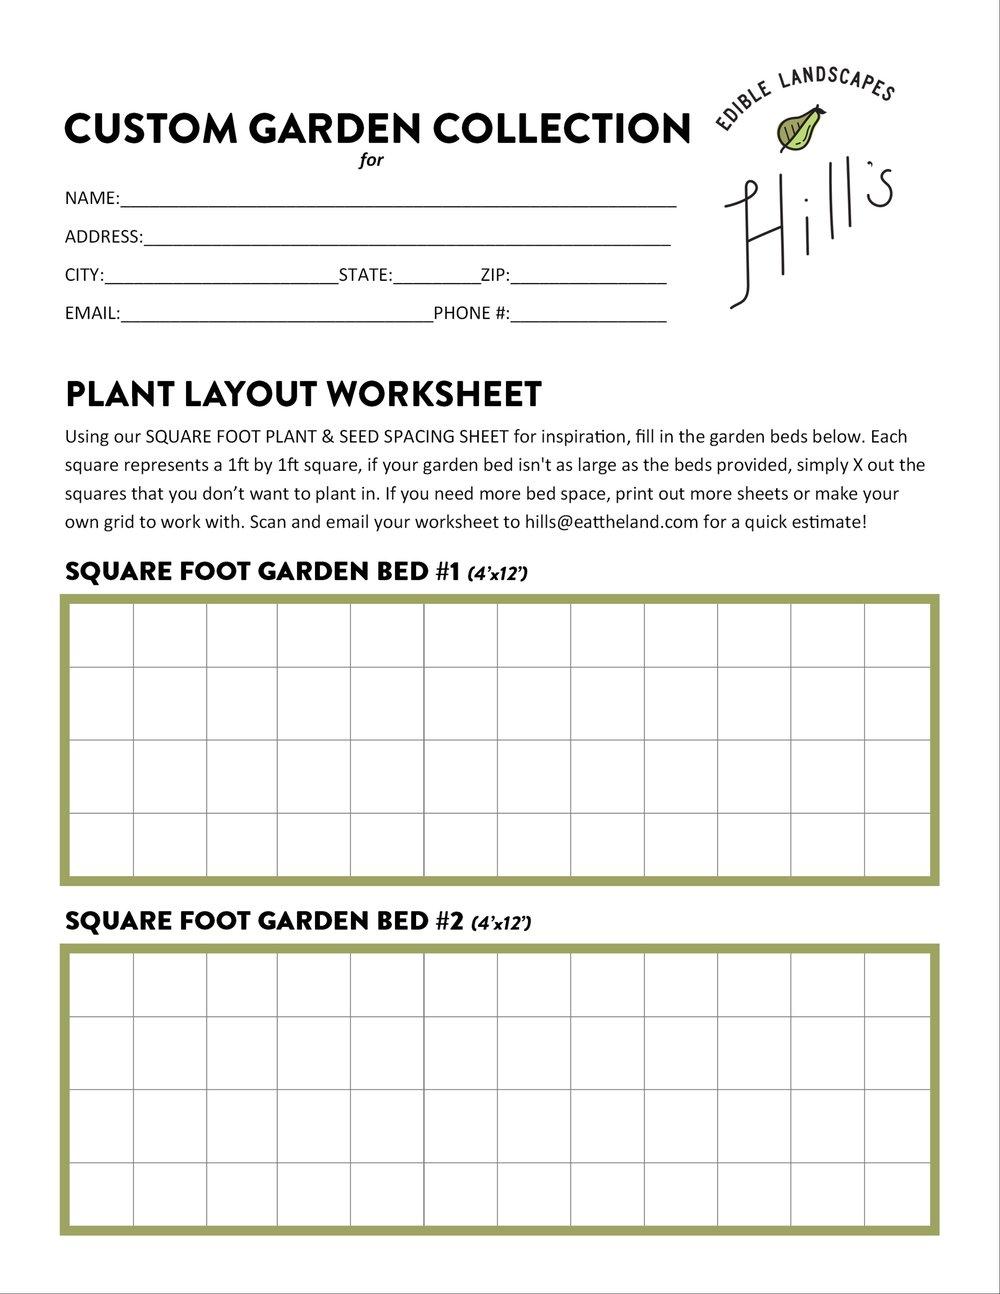 Plant Layout Worksheet